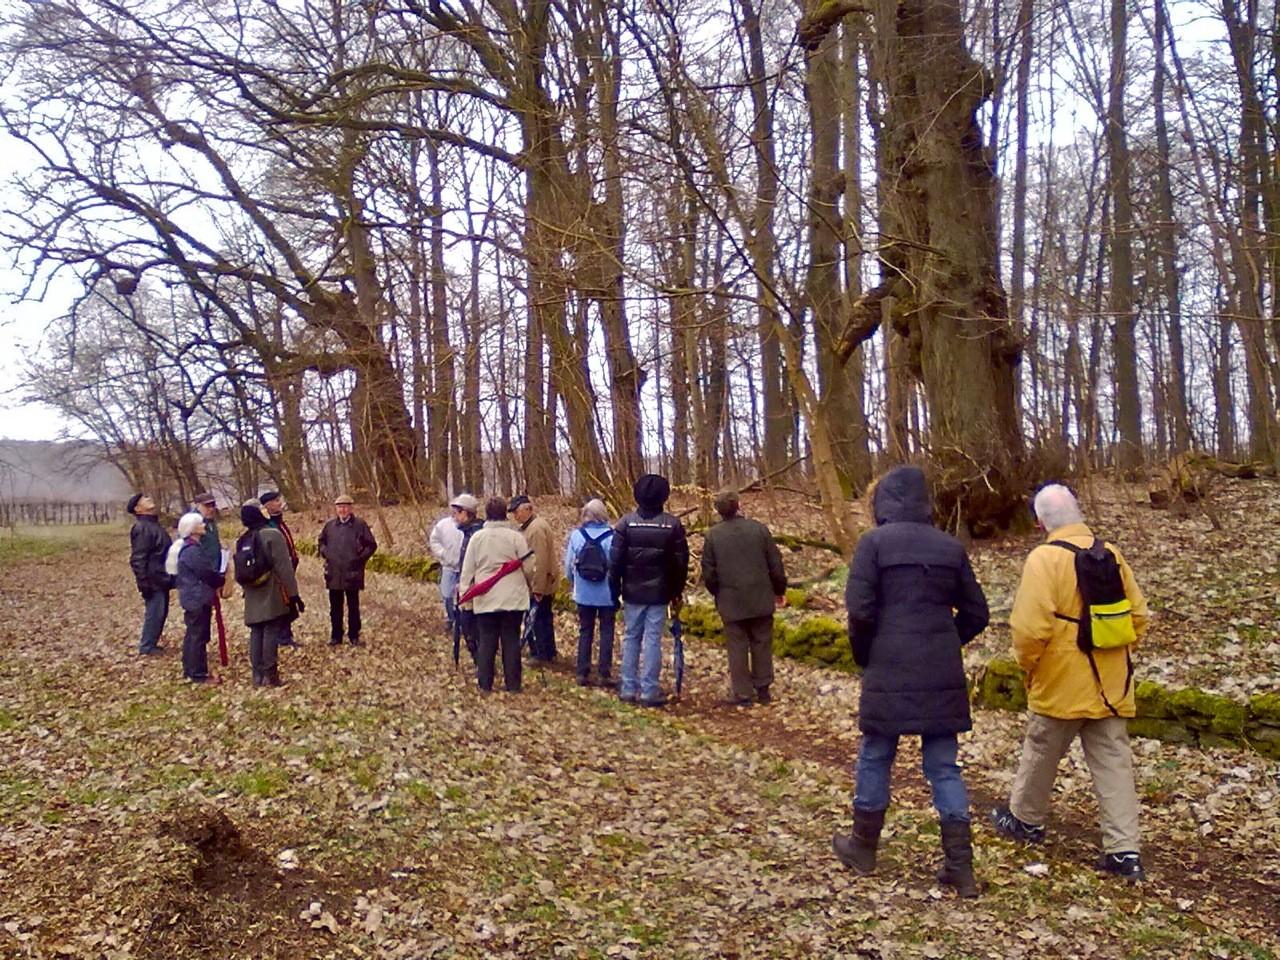 Trotz wechselhaften Frühlingswetters erfreute sich der Waldspaziergang des Weilburger Geschichtsvereins eines guten Zuspruchs.